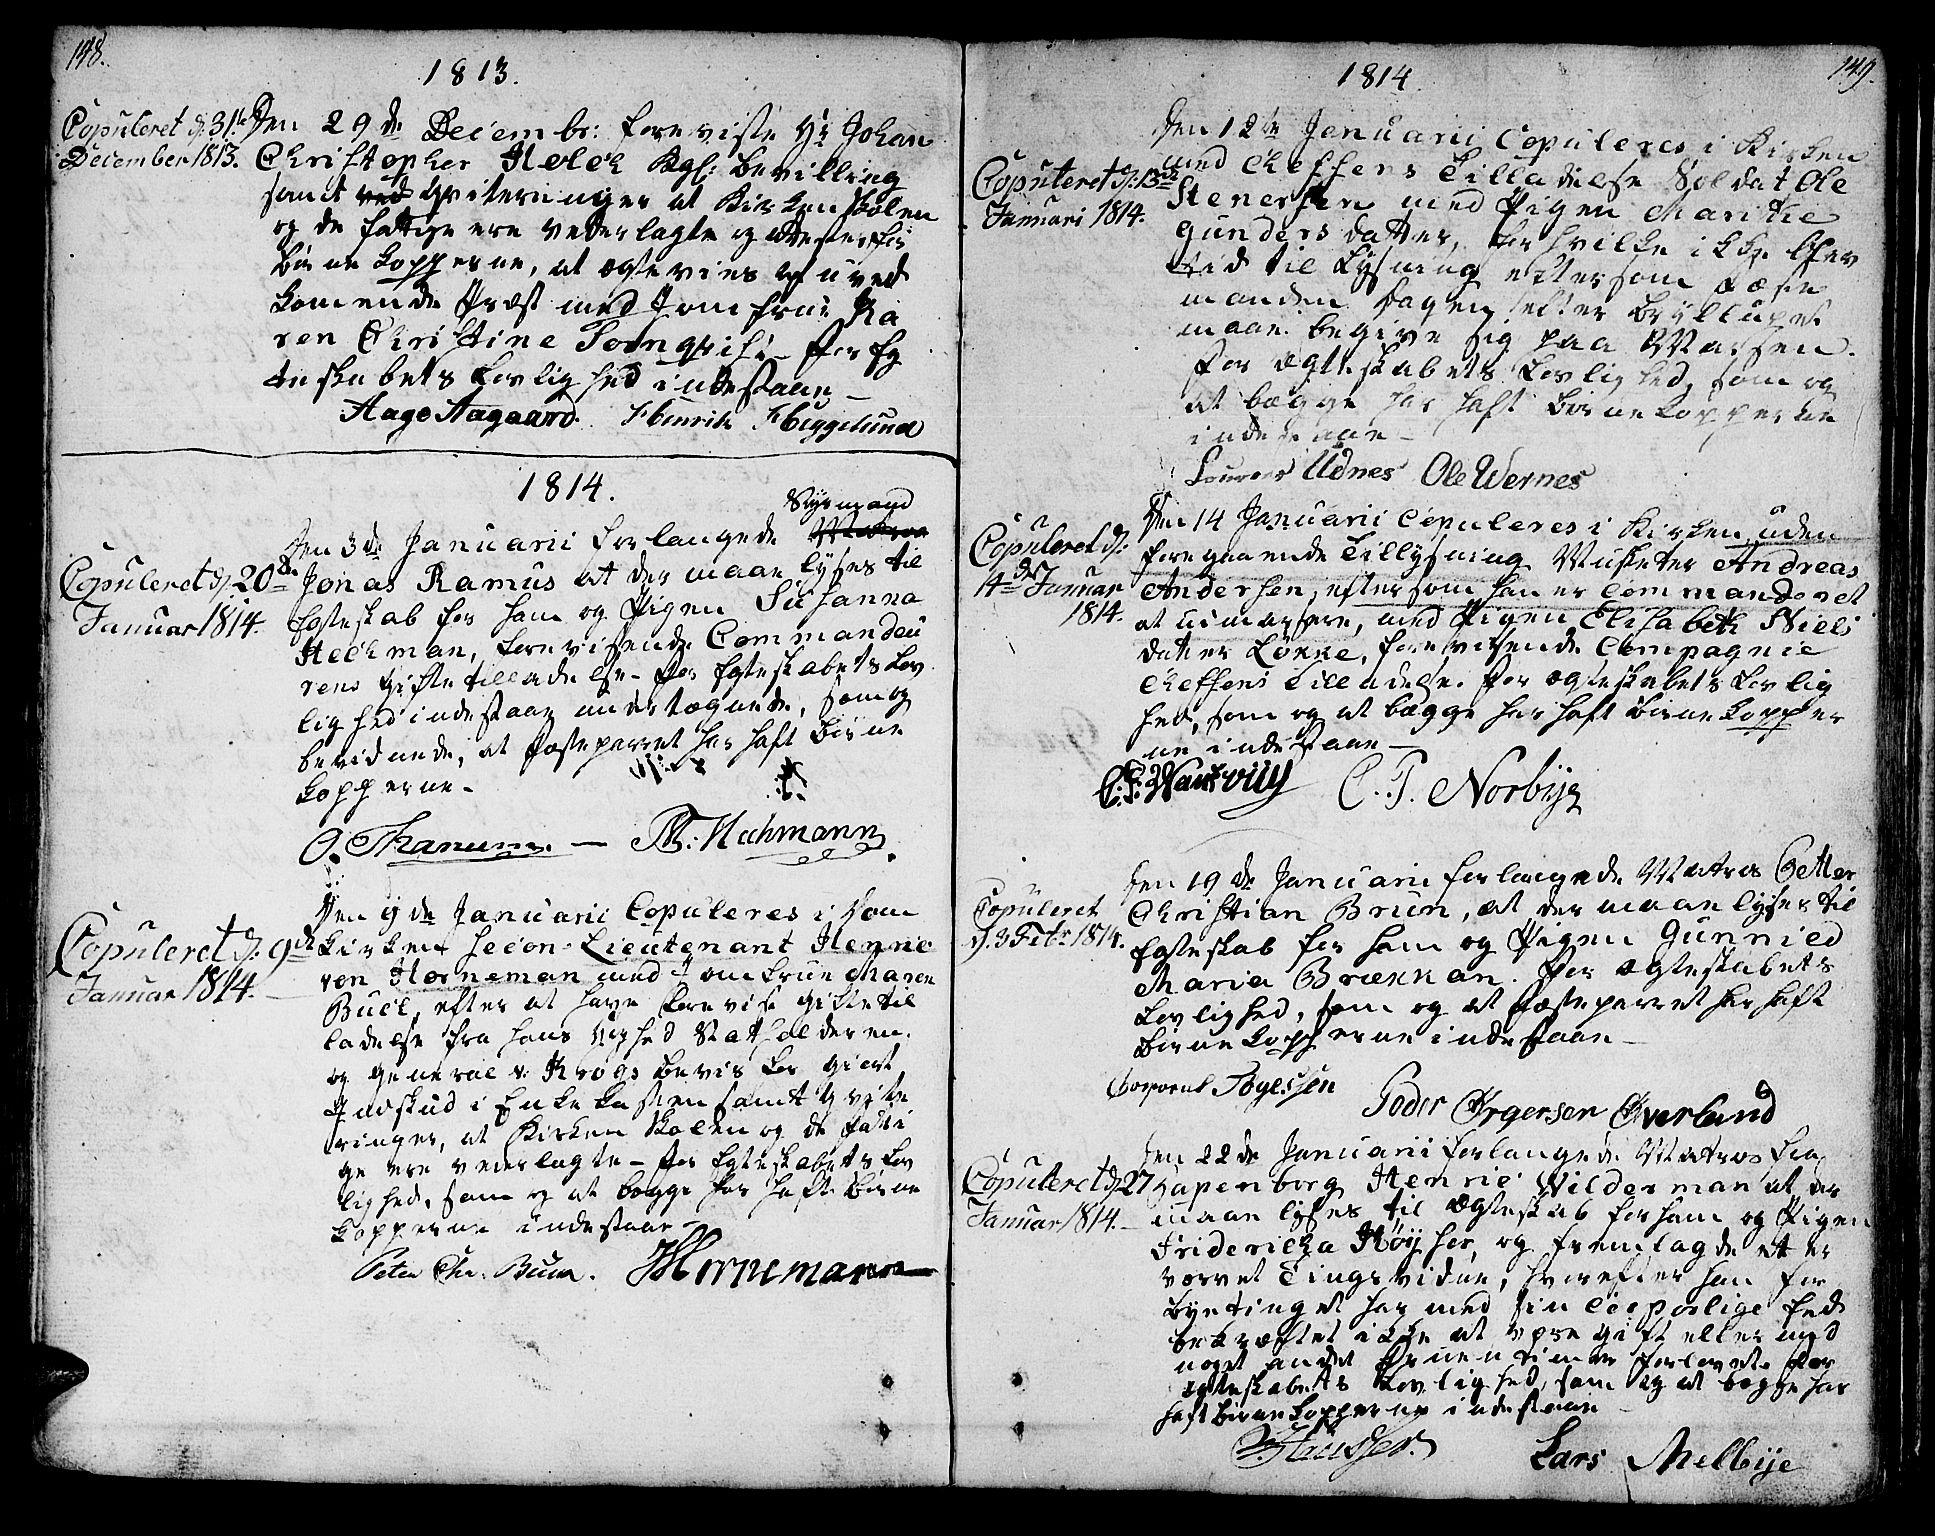 SAT, Ministerialprotokoller, klokkerbøker og fødselsregistre - Sør-Trøndelag, 601/L0042: Ministerialbok nr. 601A10, 1802-1830, s. 148-149